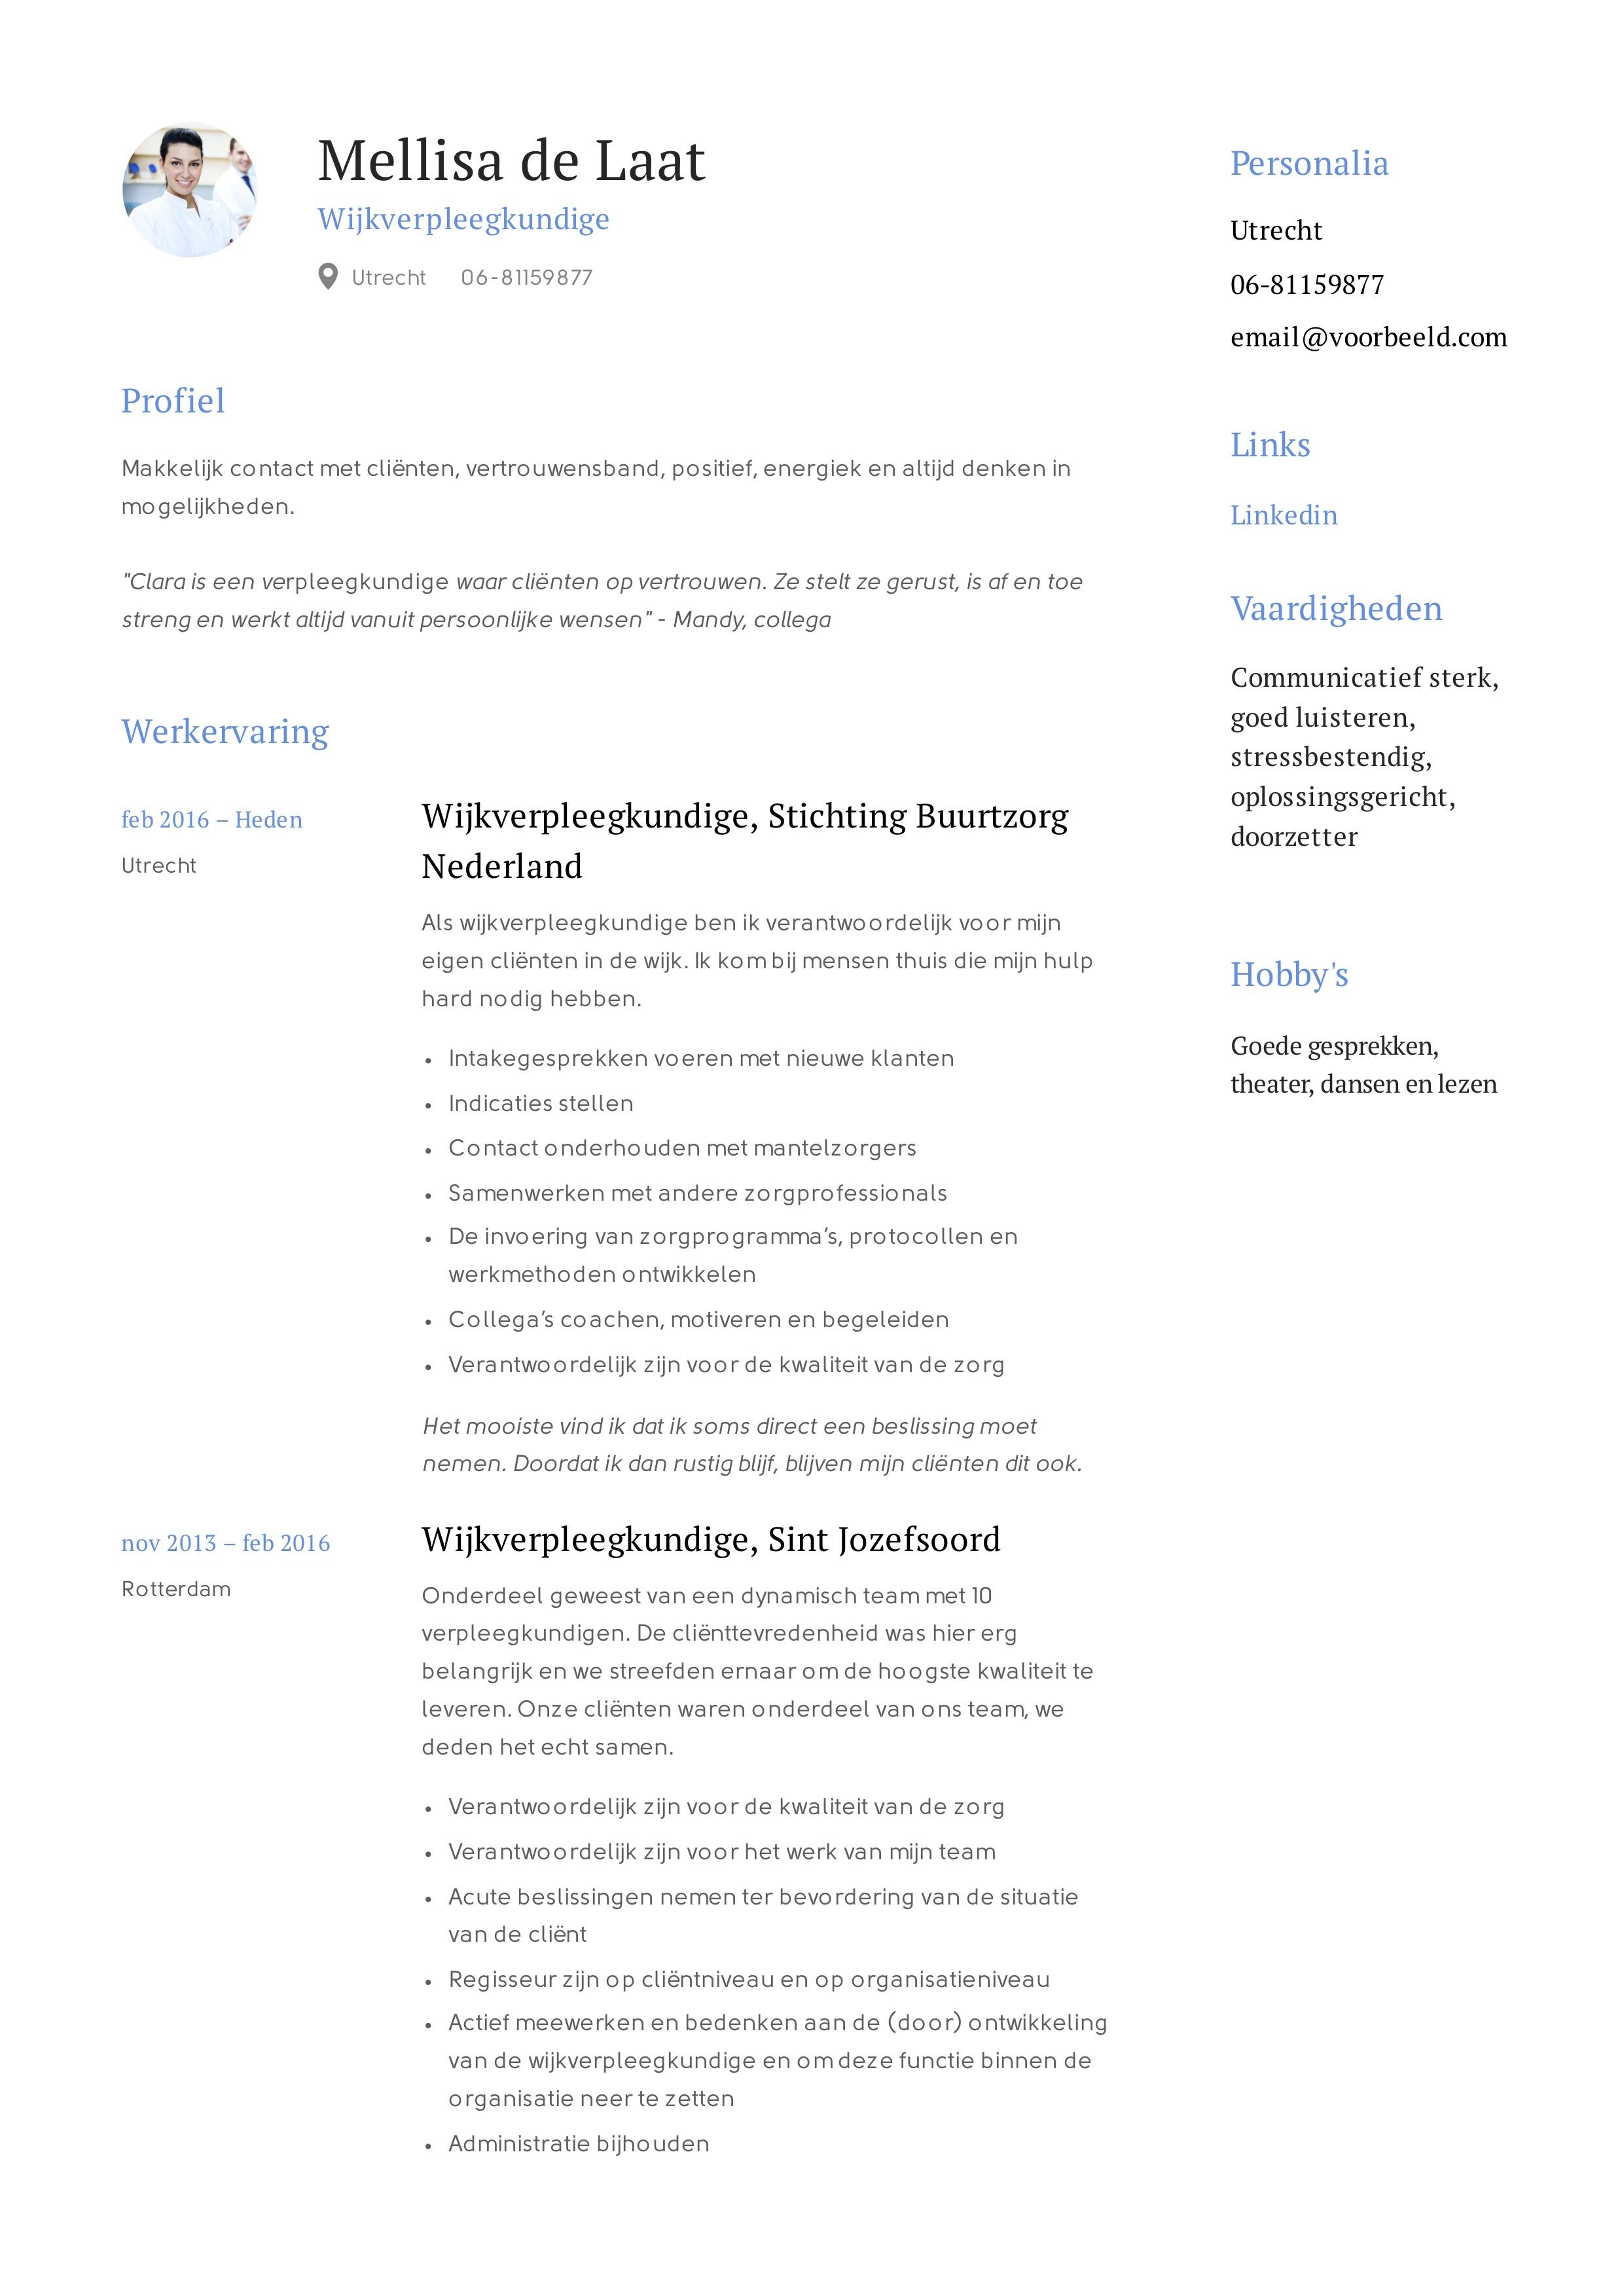 Mellisa_de_Laat_-_CV_-_Wijkverpleegkundige (6)